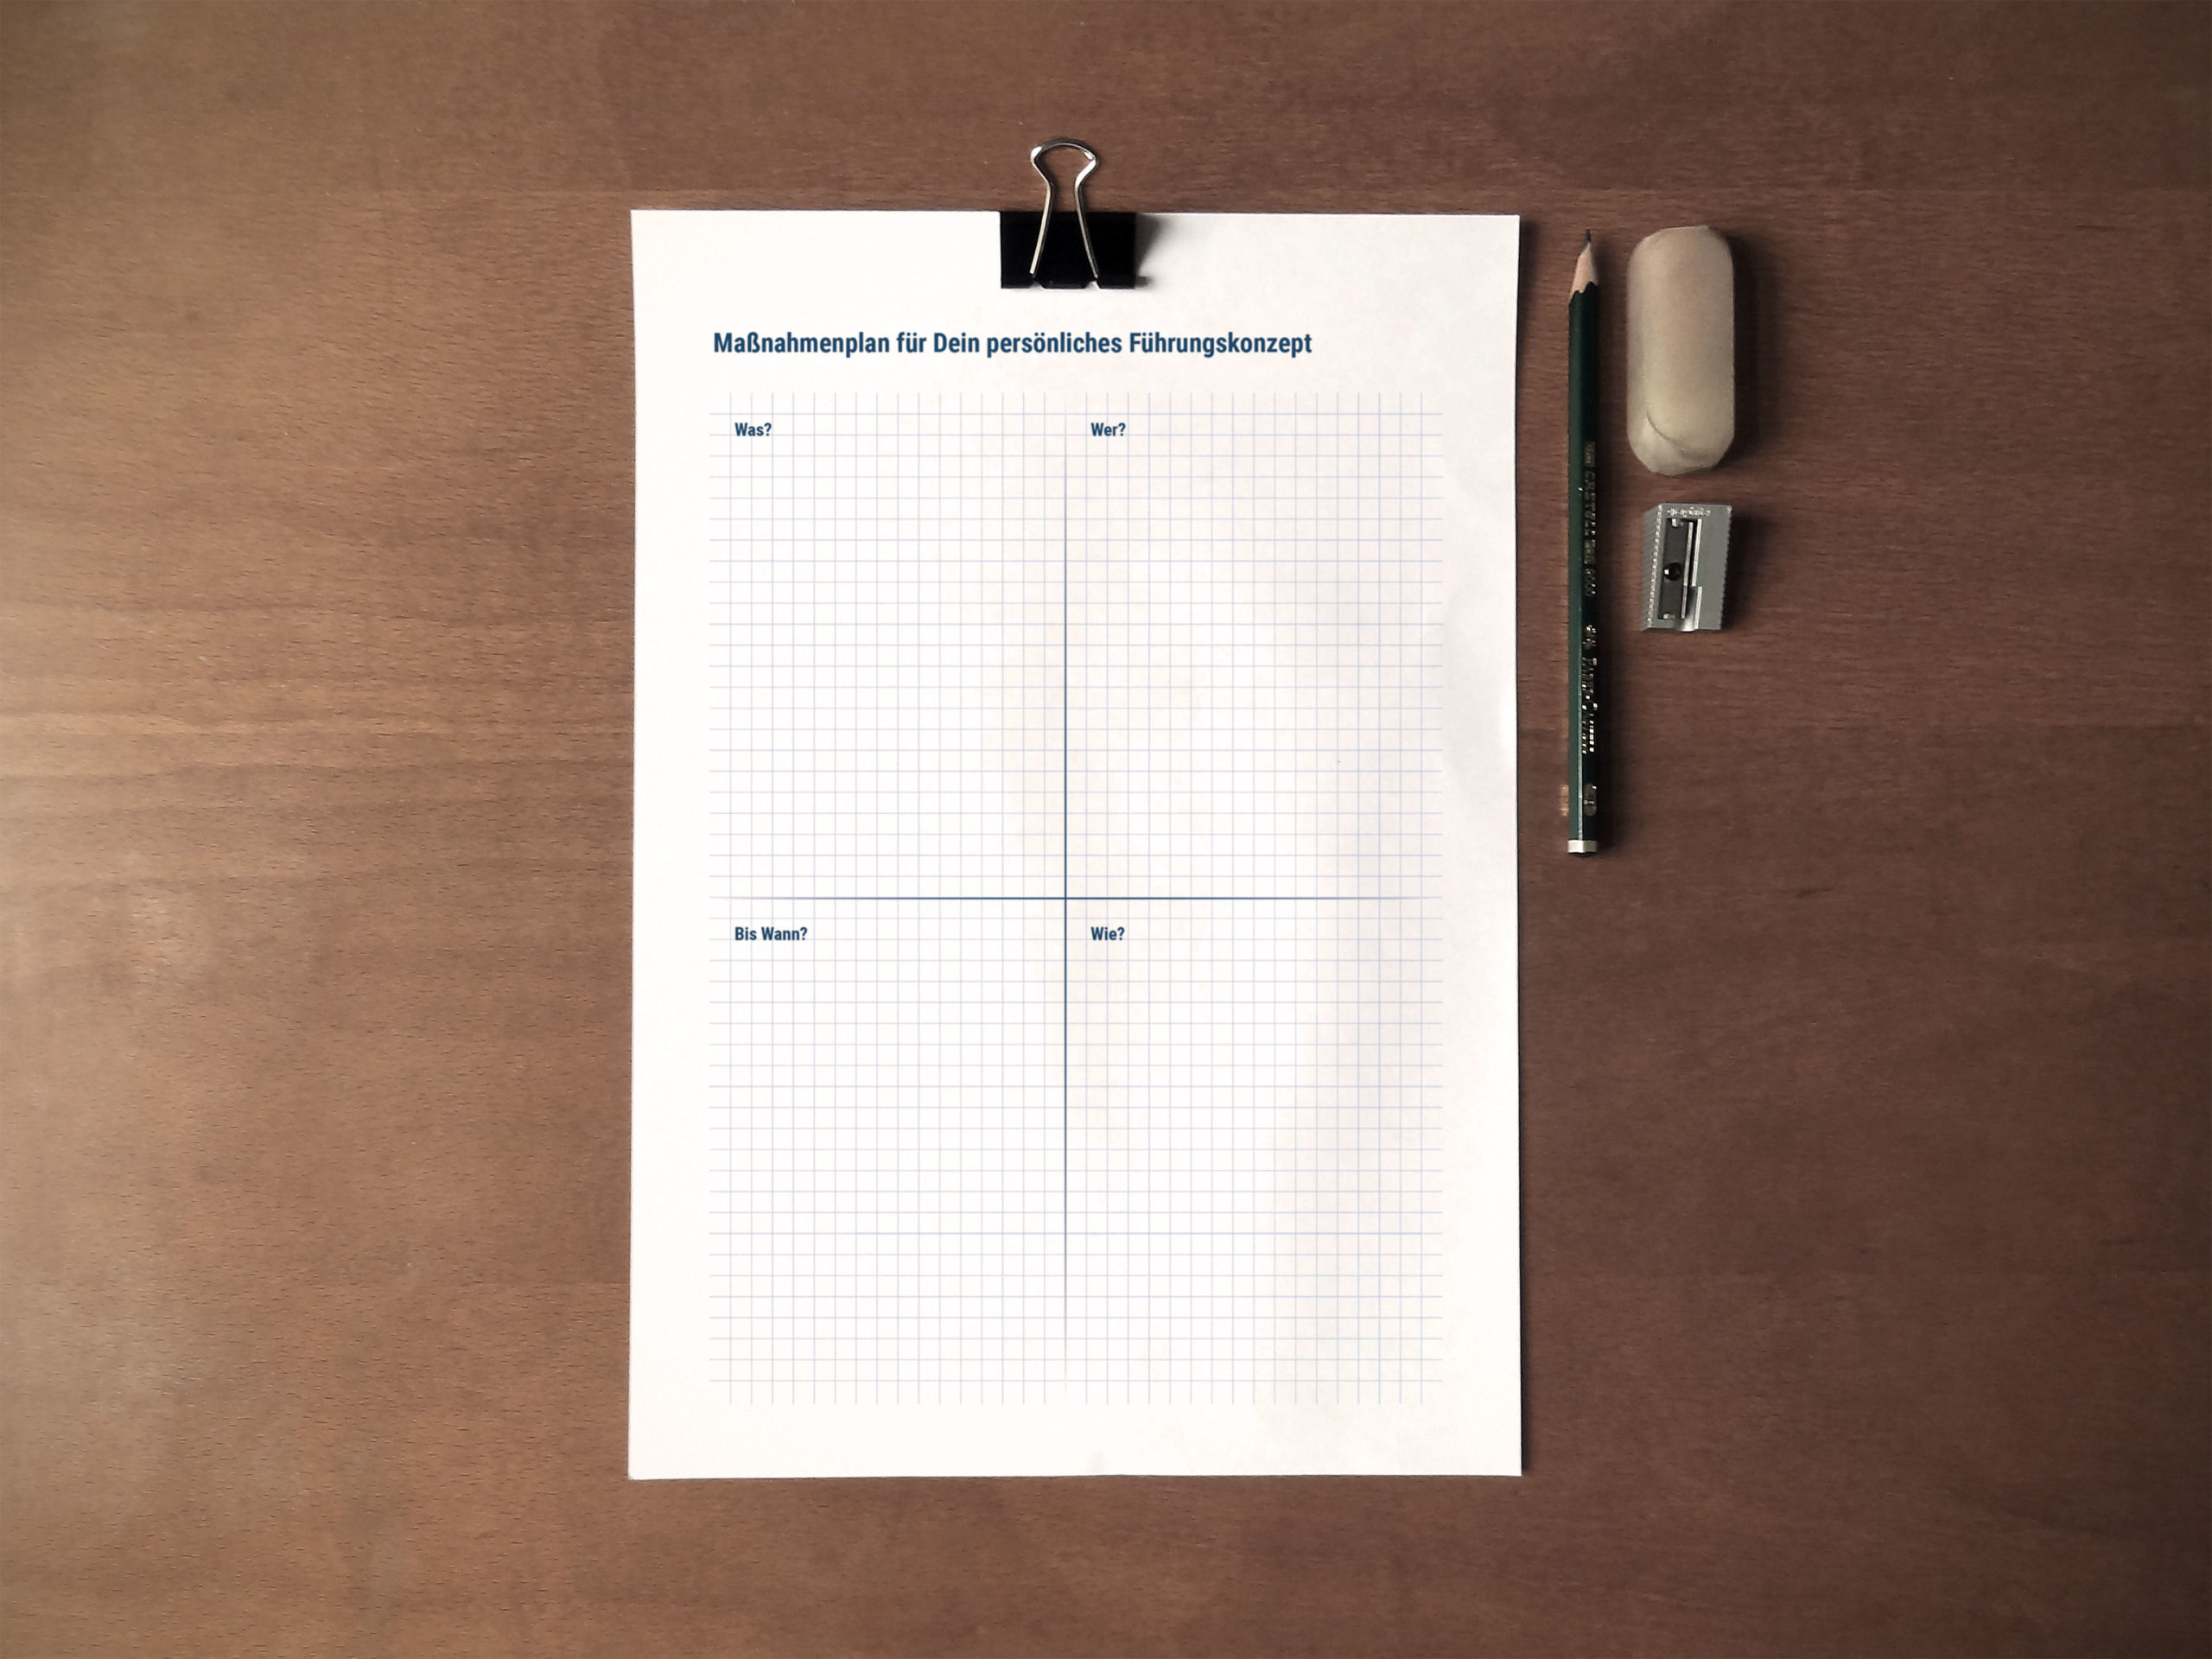 Maßnahmeplan